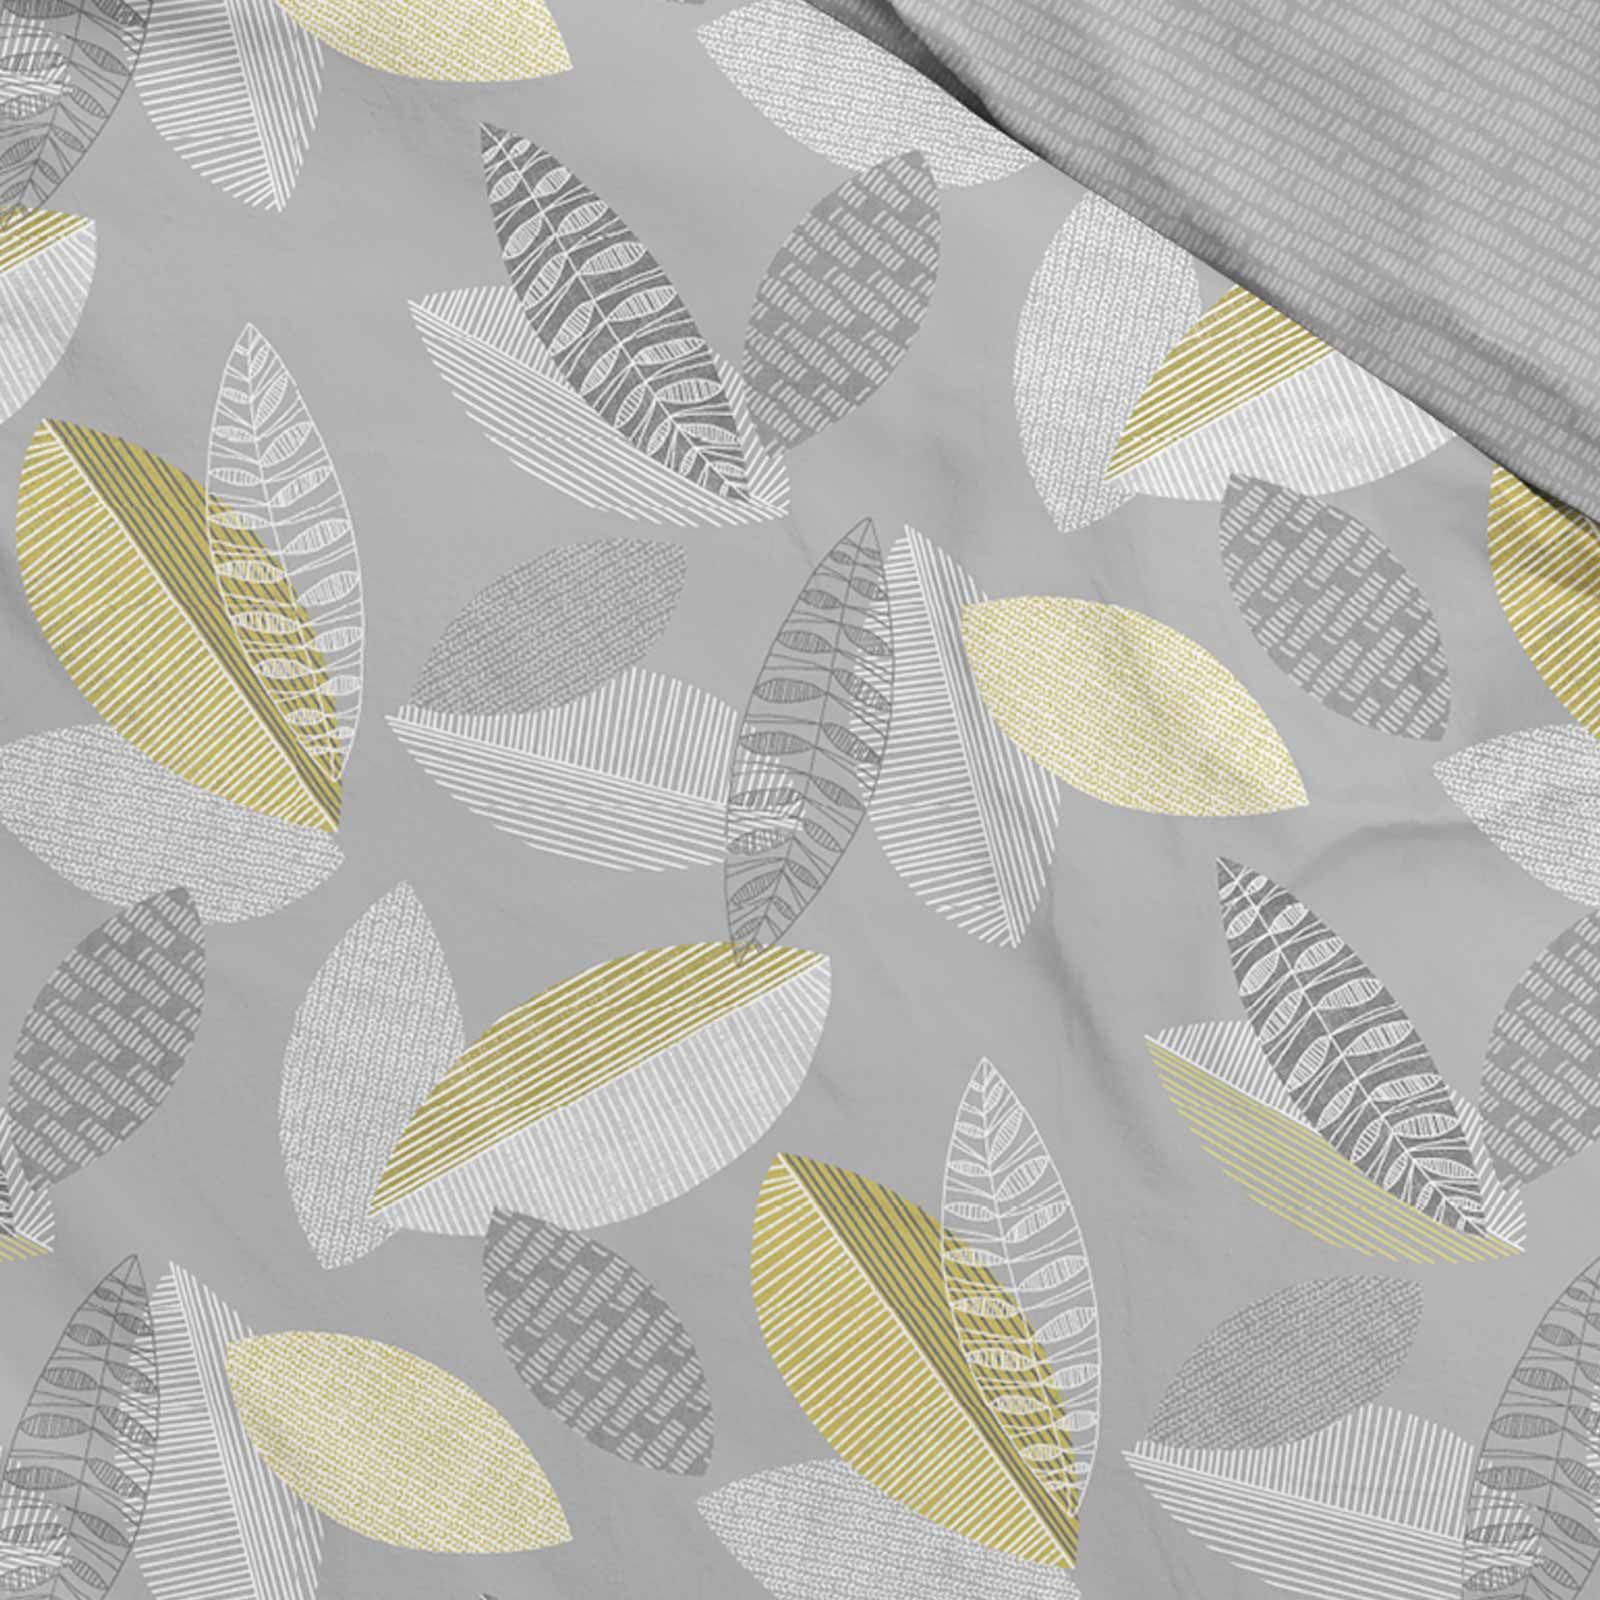 Mostaza-amarillo-ocre-Conjunto-de-Edredon-De-Funda-De-Edredon-Funda-De-Almohada-Individual-Doble miniatura 34